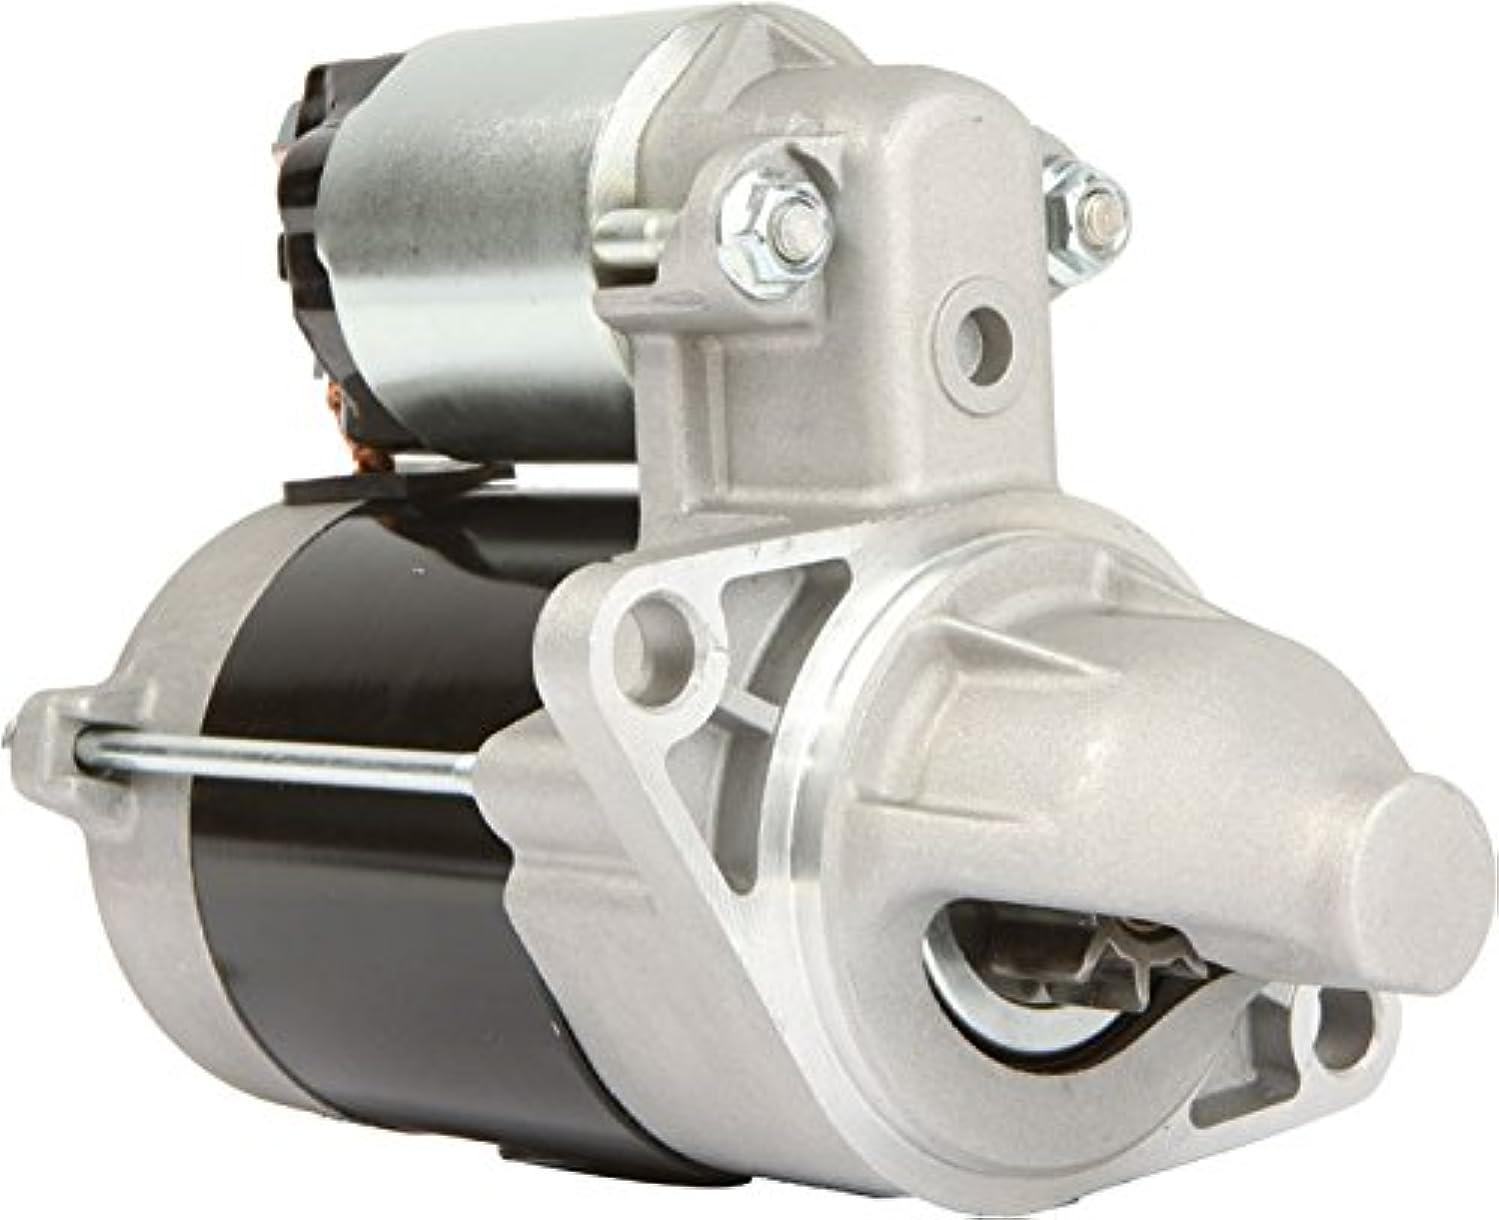 DB Electrical SND0723 Starter For Kubota RTV500 ATV UTV with Kubota GZD460 Engine /EG673-63013/428000-6681/12 Volt, CW